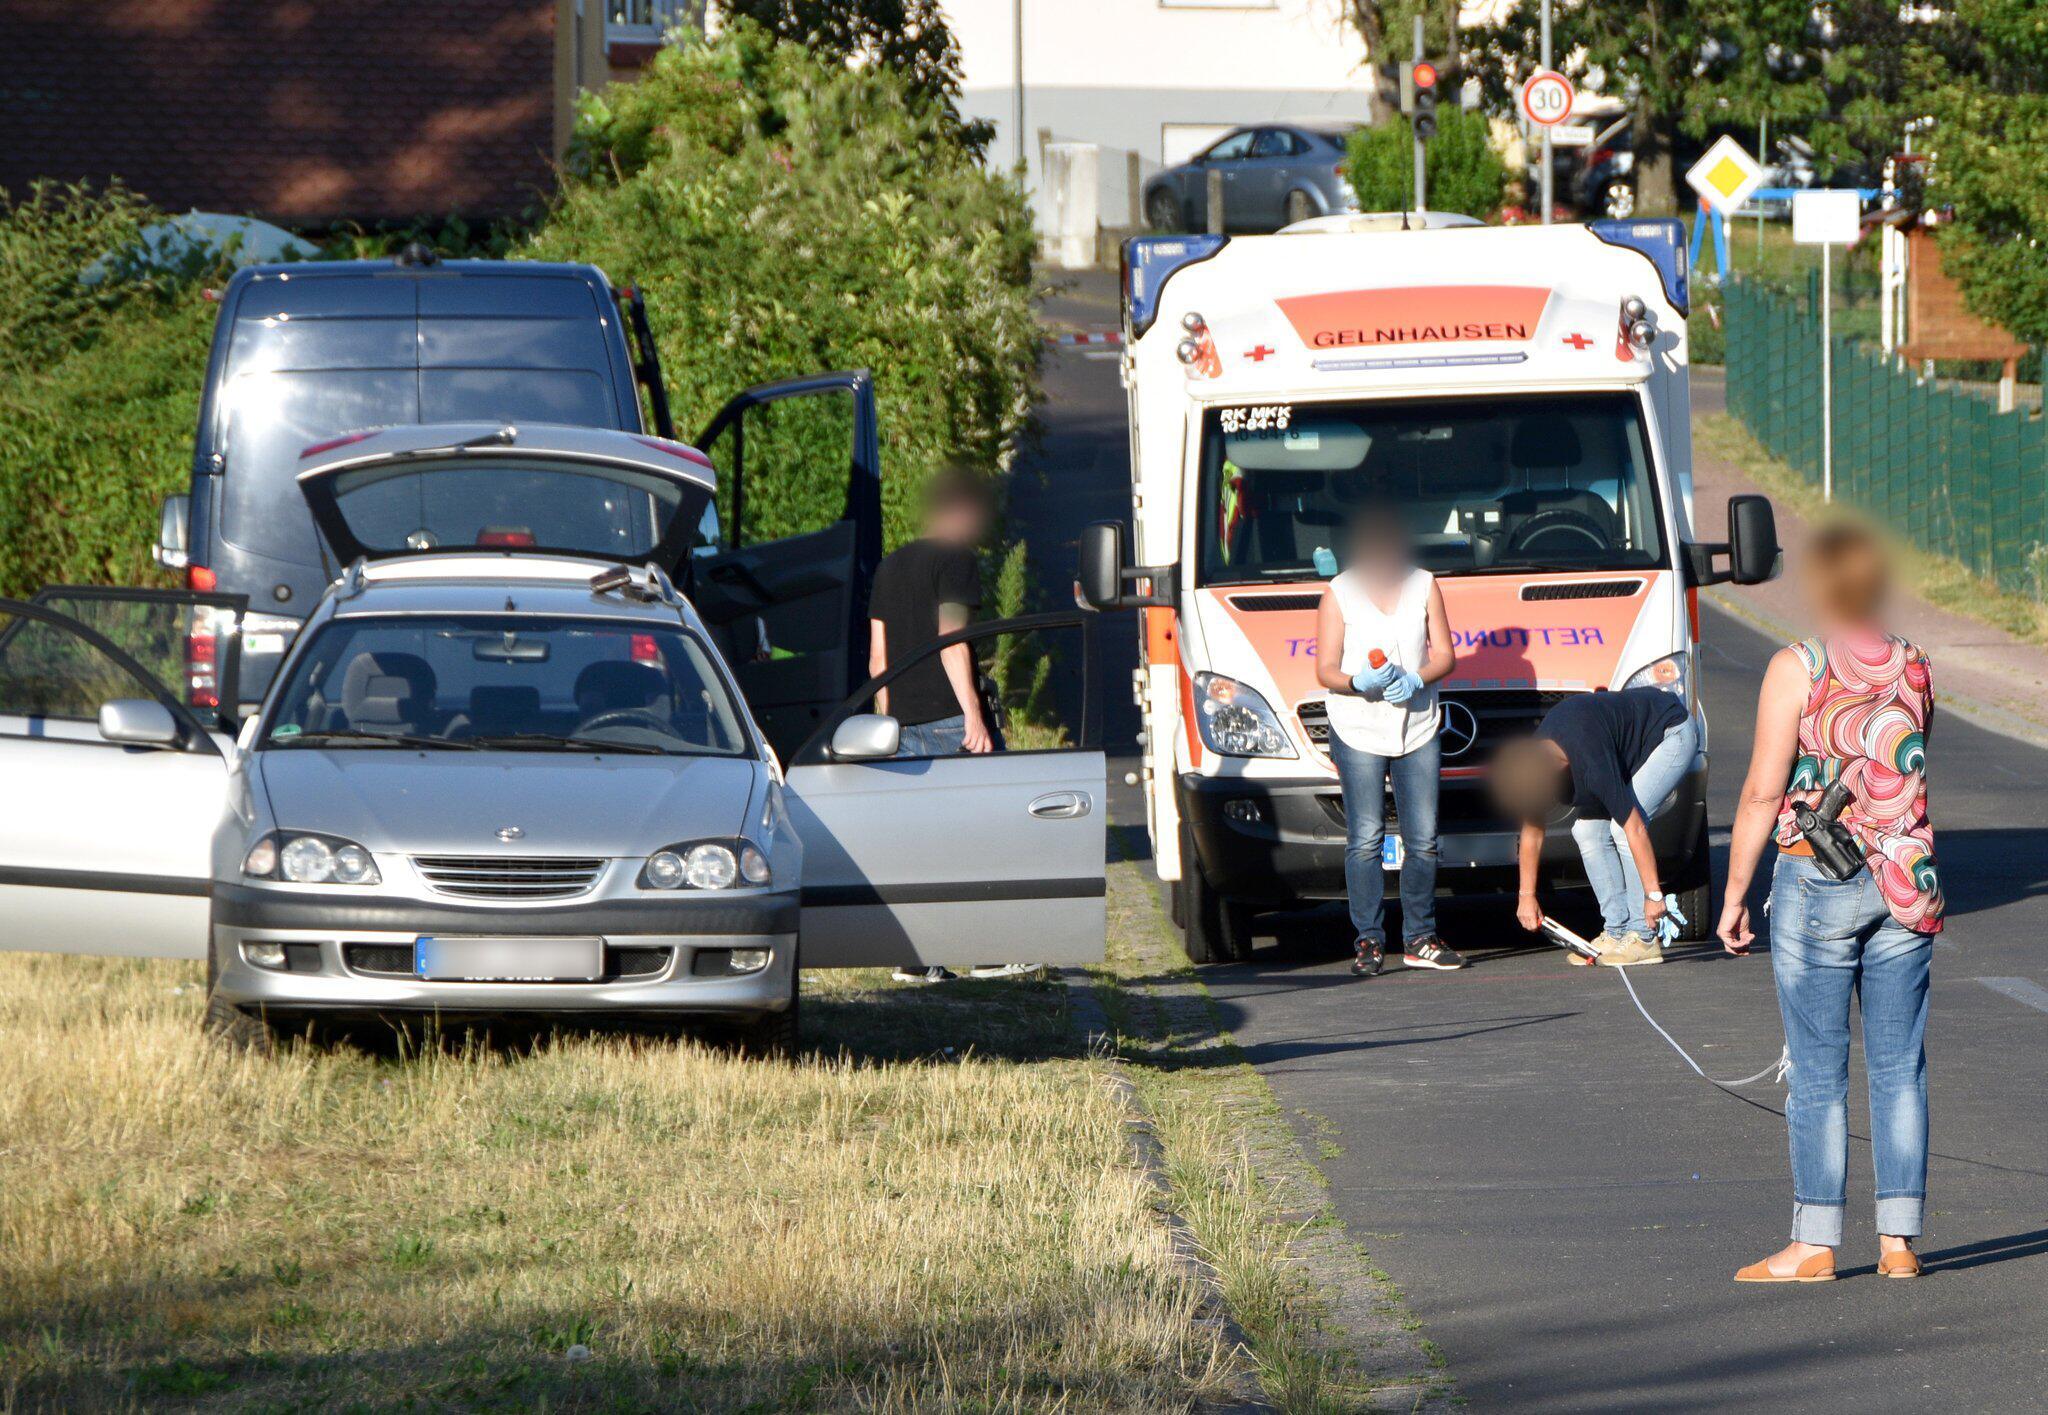 Bild zu Rätselhafte Schüsse in Wächtersbach